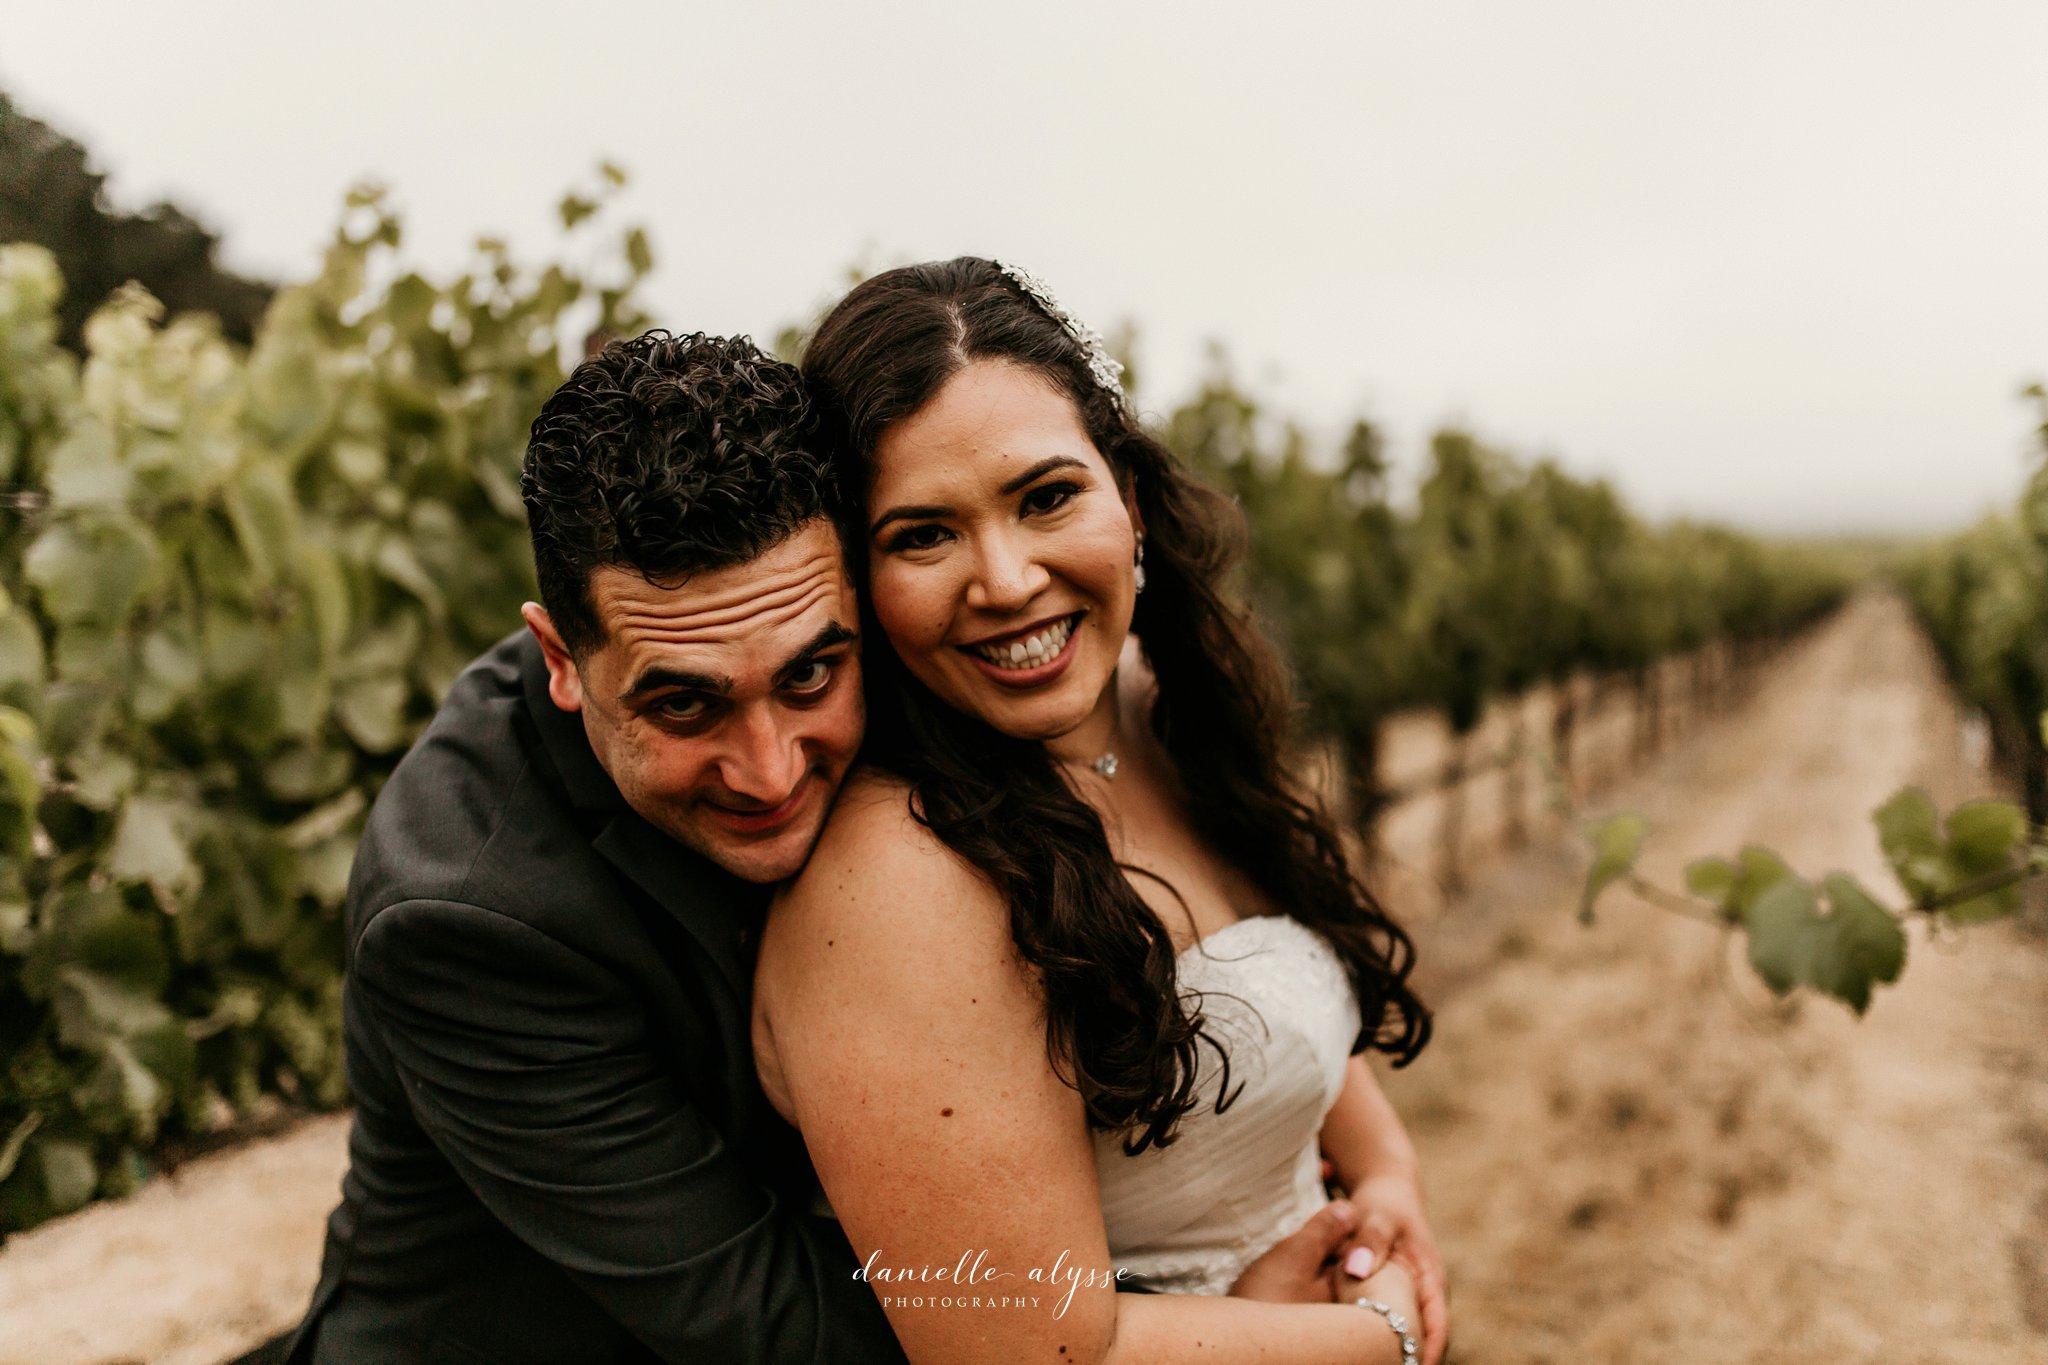 180630_wedding_lily_ryan_mission_soledad_california_danielle_alysse_photography_blog_1159_WEB.jpg